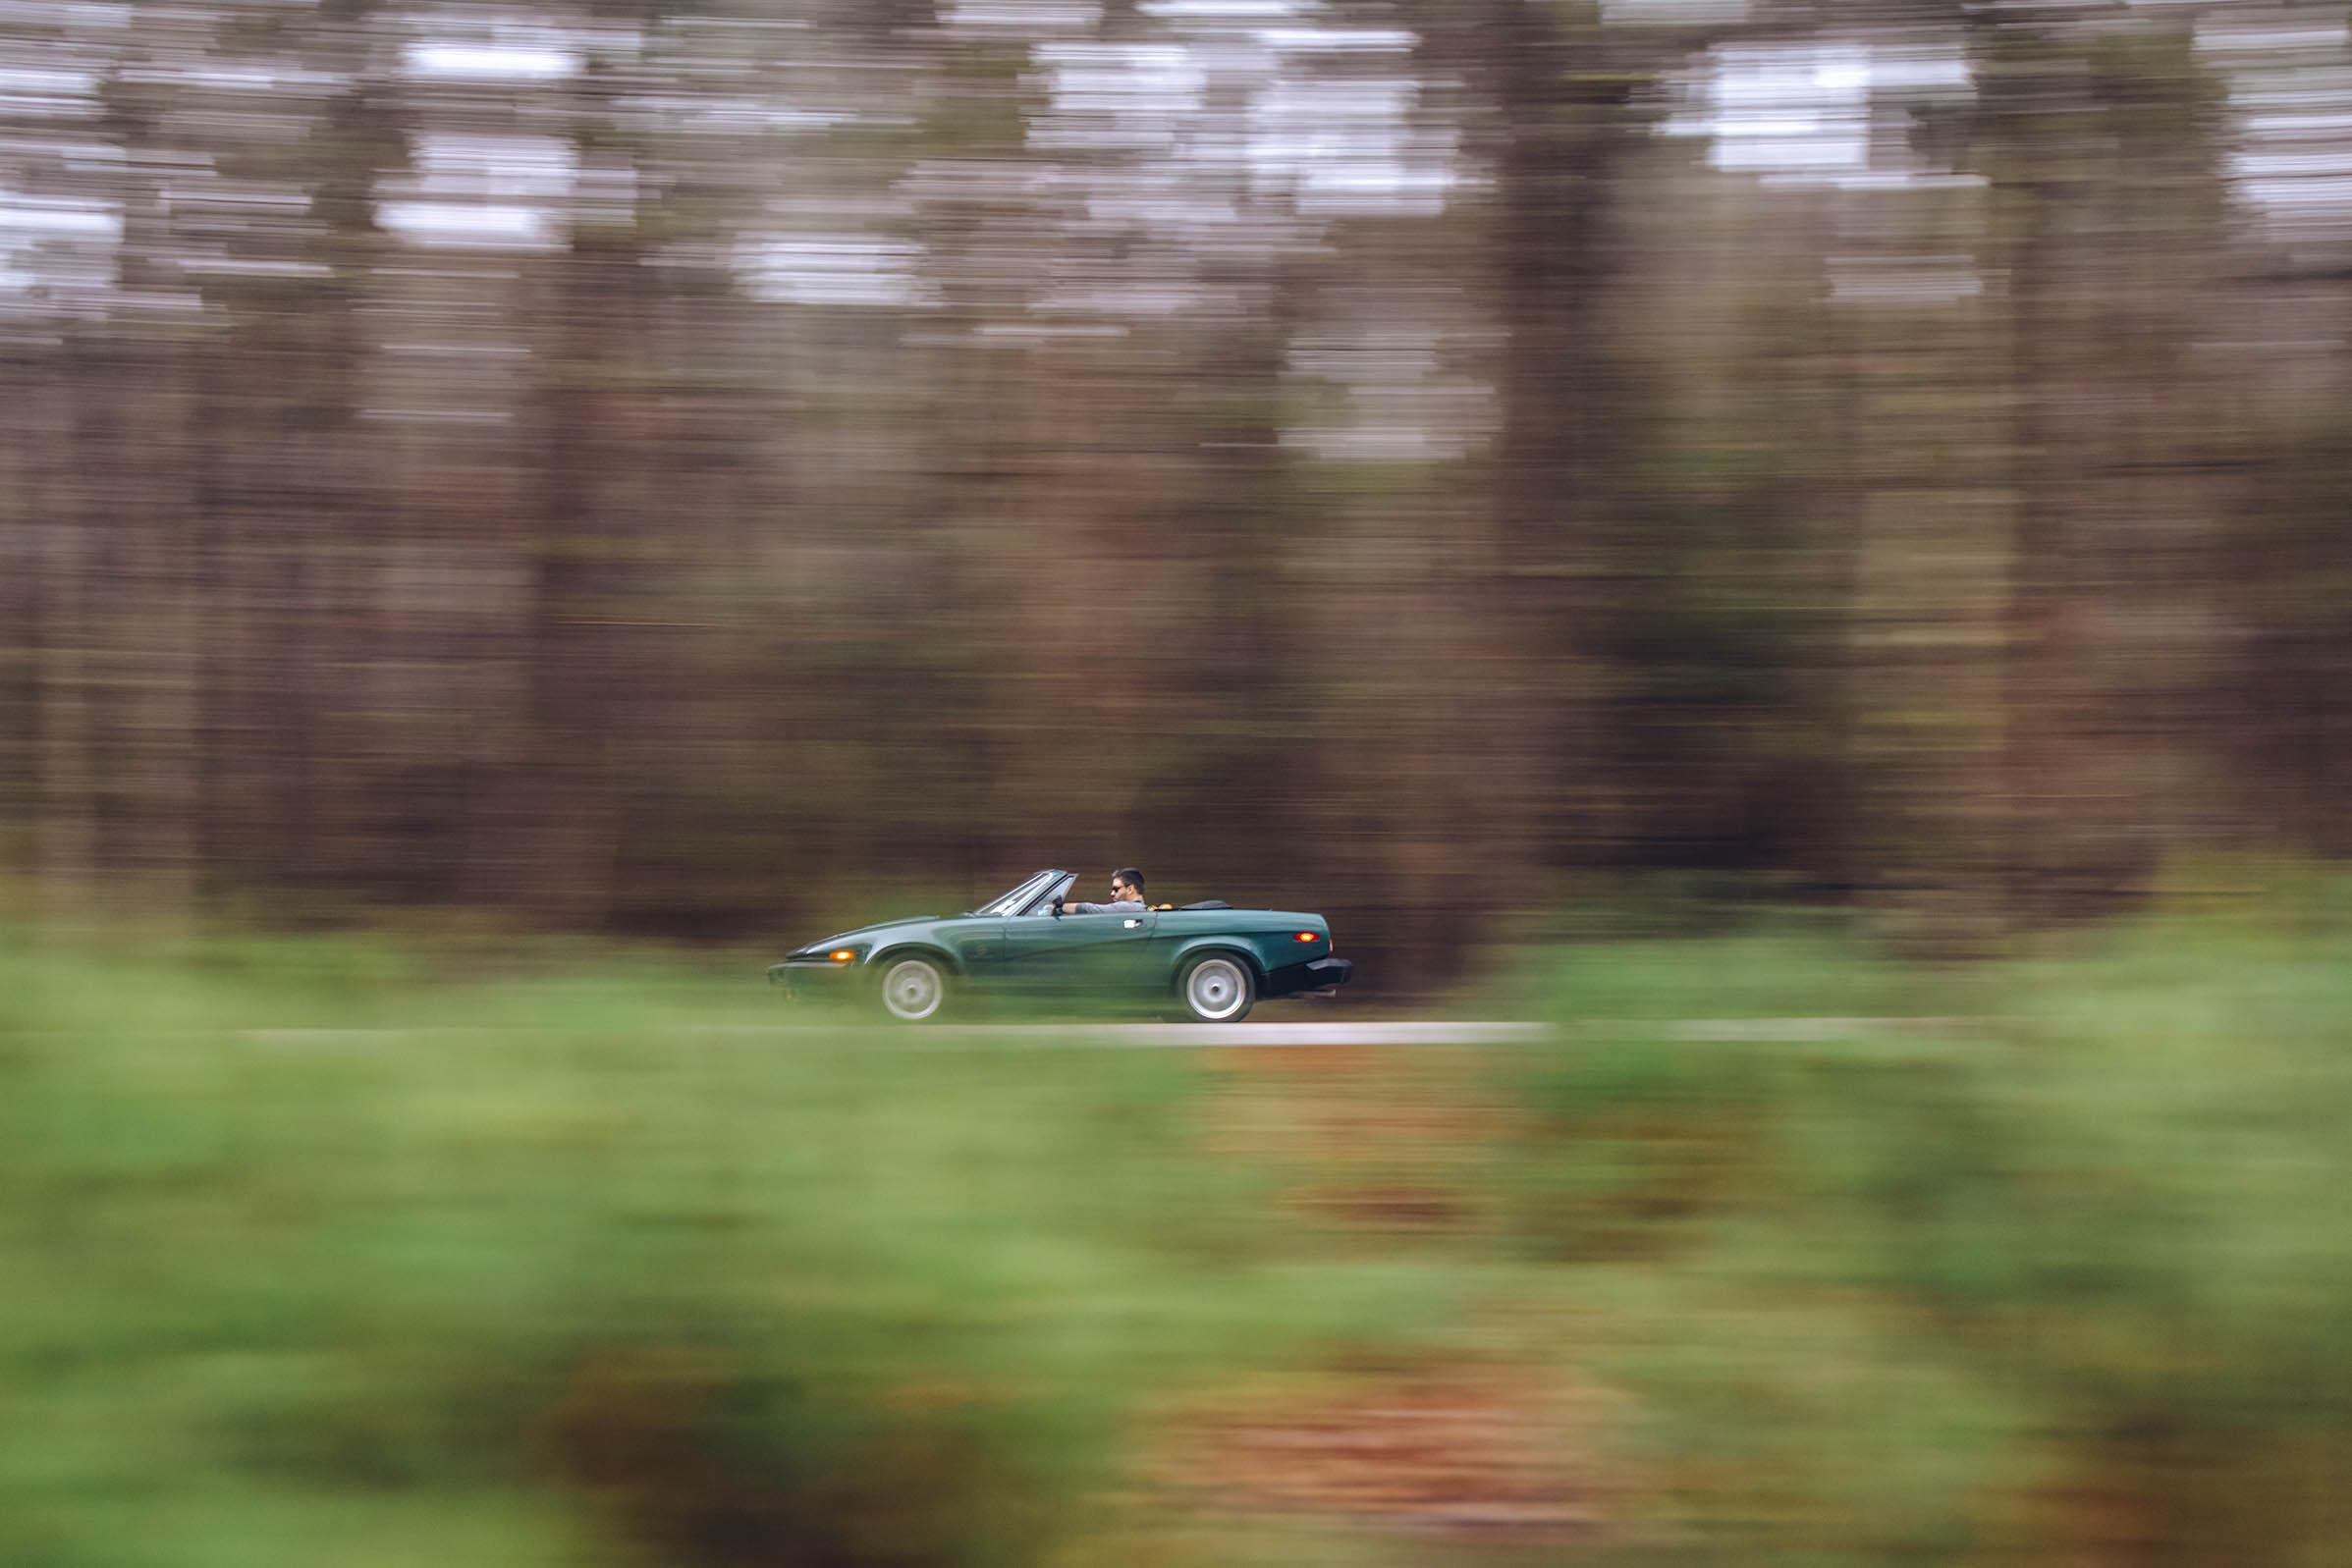 1980 Triumph TR8 driving